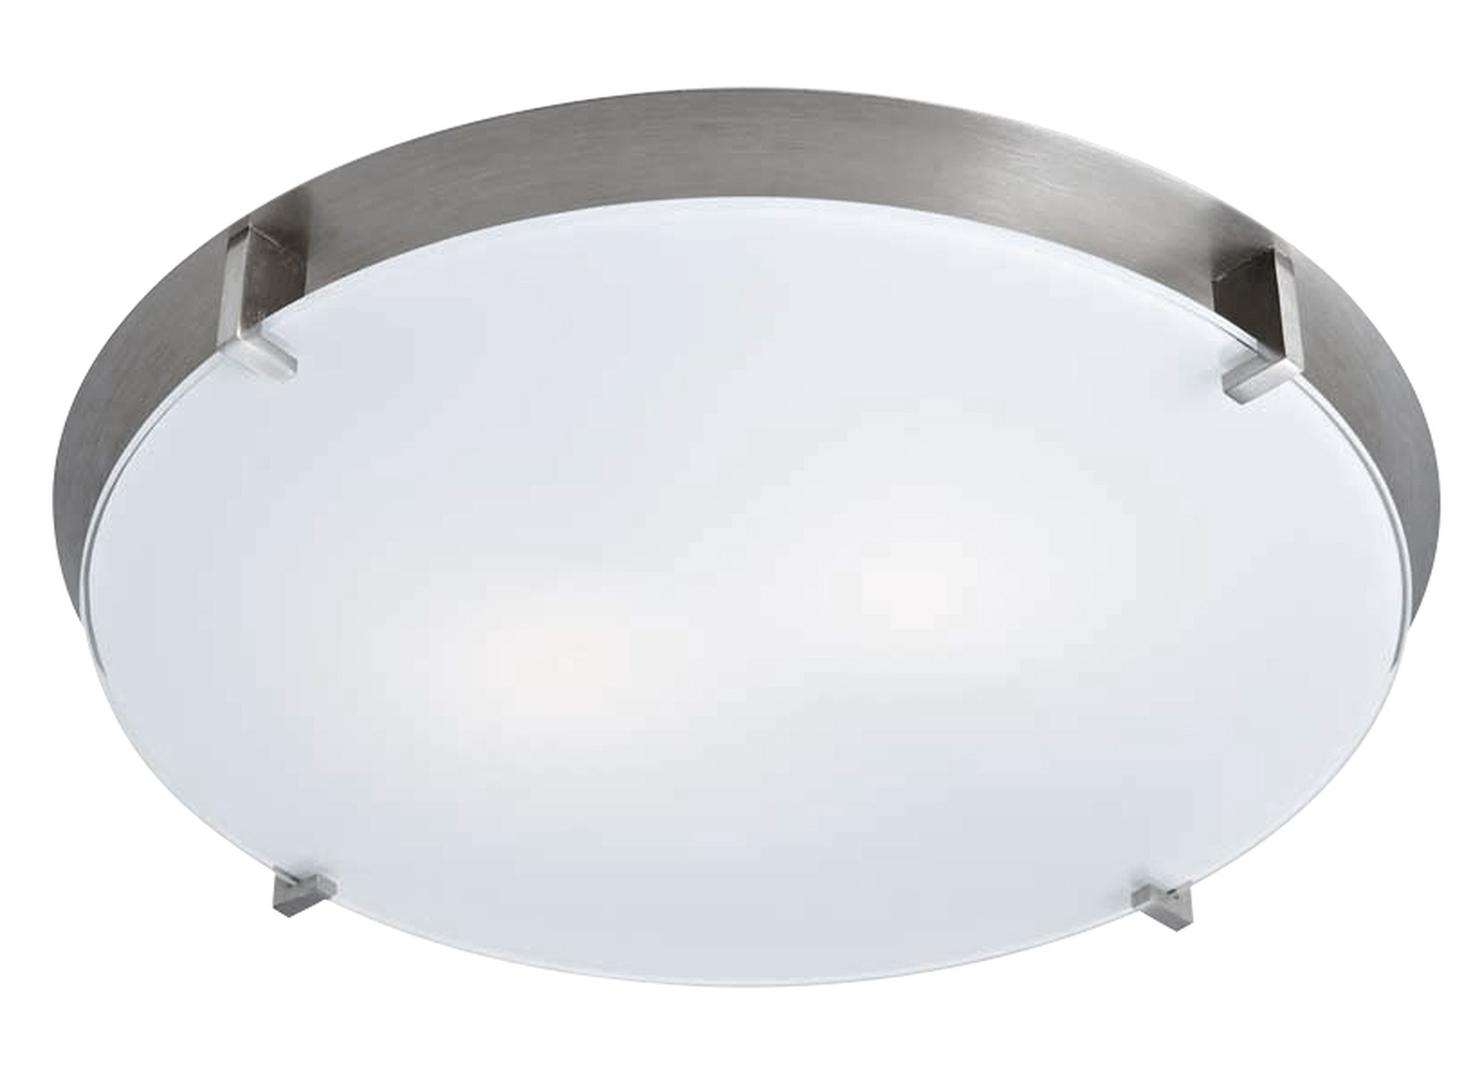 Plafoniera Frena Plafond 30 1X60W E27 Satin